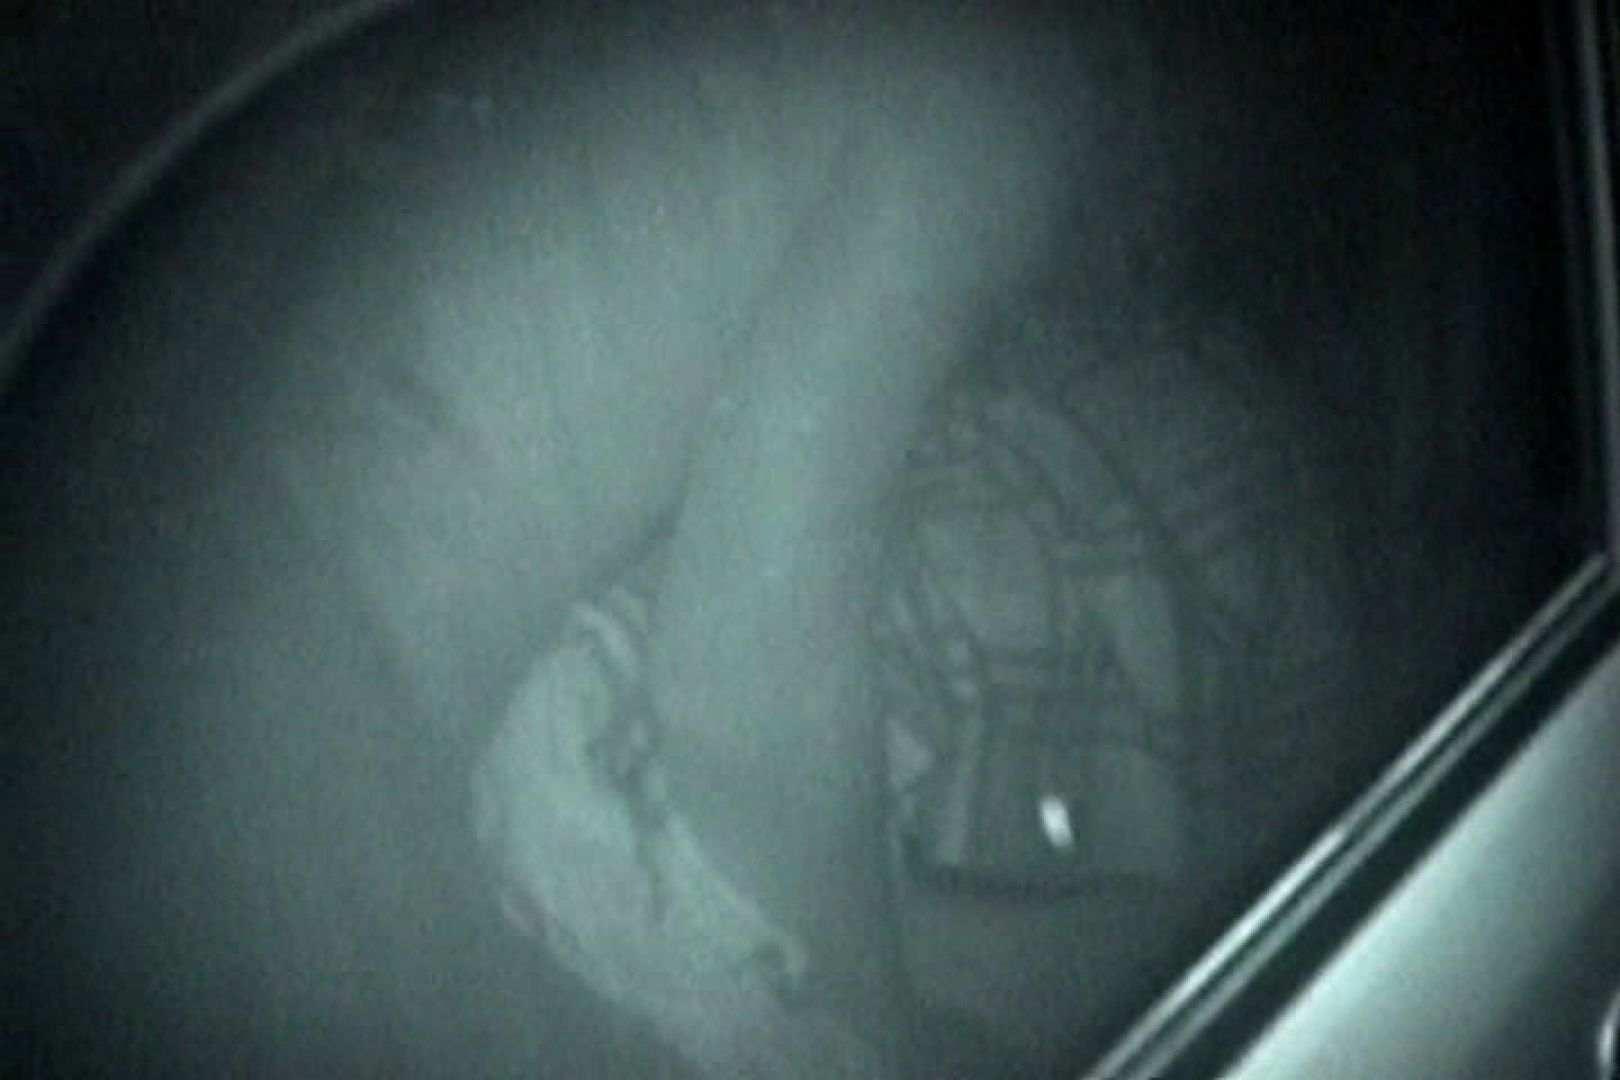 充血監督の深夜の運動会Vol.147 エロティックなOL 盗撮動画紹介 89画像 23